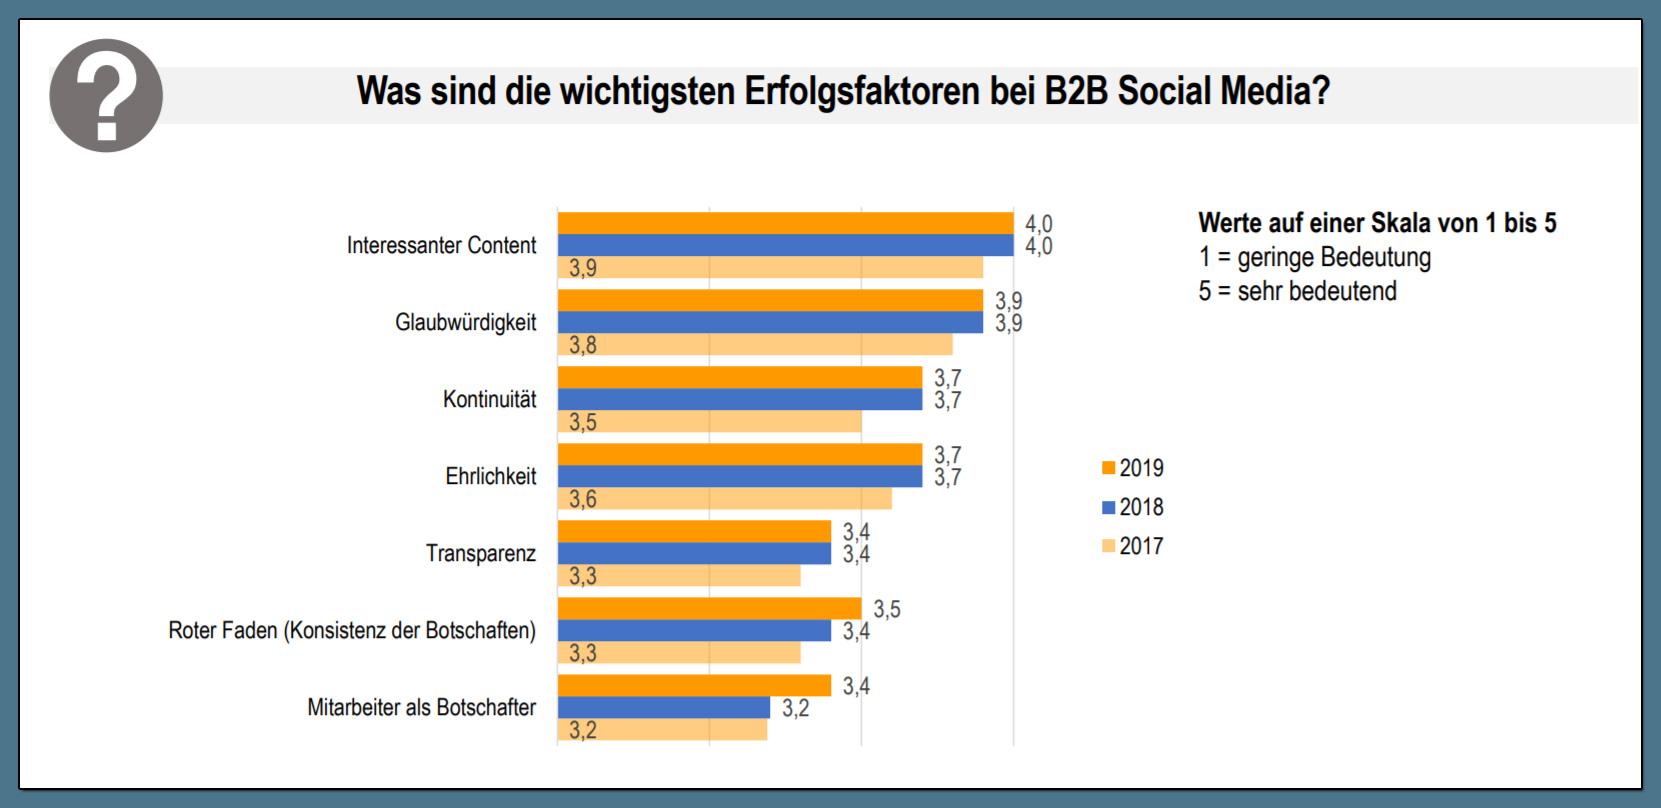 Was sind B2B Social Media Erfolgsfaktoren?